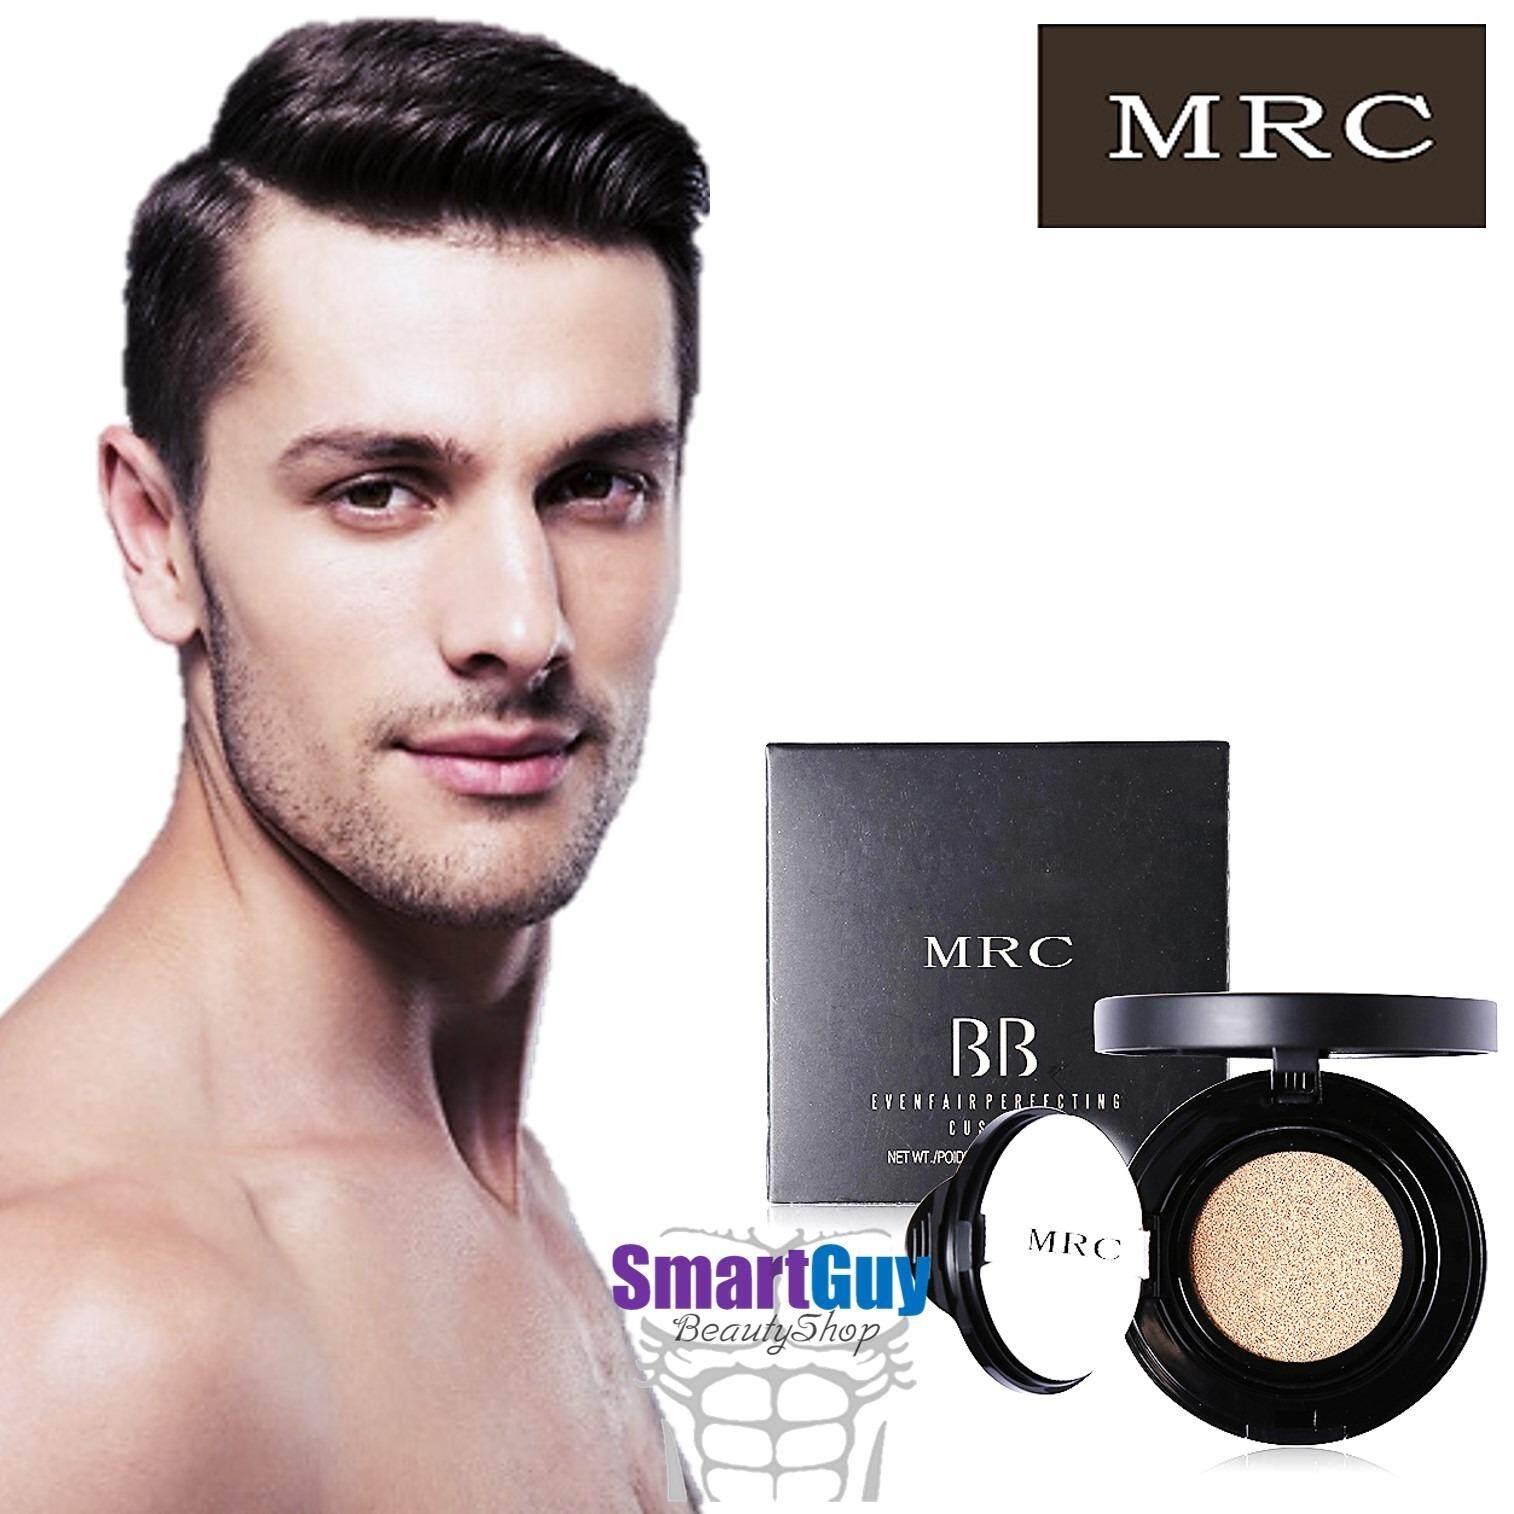 โปรโมชั่น คุชชั่นบีบีครีมสำหรับผู้ชายปกปิดกันแดดรองพื้นปรับหน้าเนียนใสเป็นธรรมชาติ Mrc Skin Foundation Cushion Bb 15G Mrc ใหม่ล่าสุด